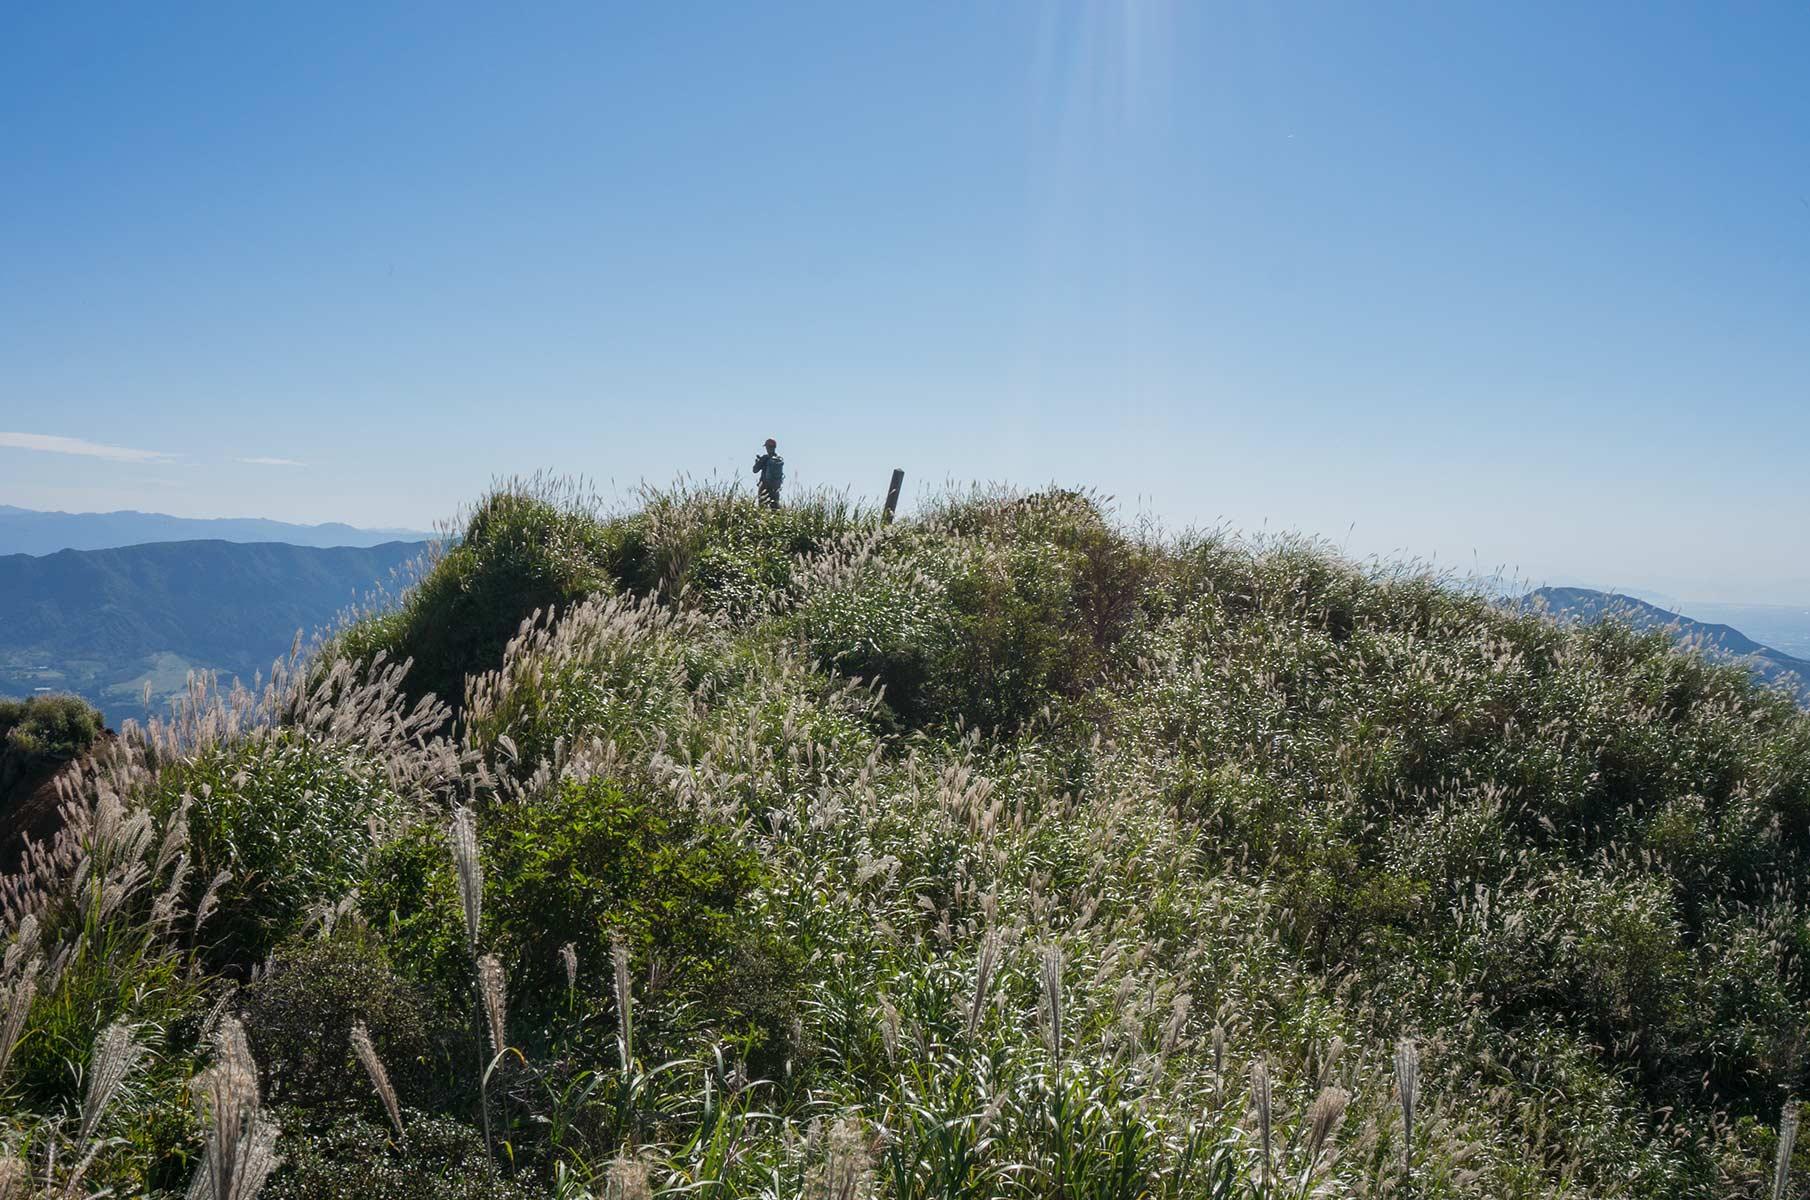 Gipfel des Mt. Eboshi in der Mt. Aso Gras- und Vulkanlandschaft, Japan